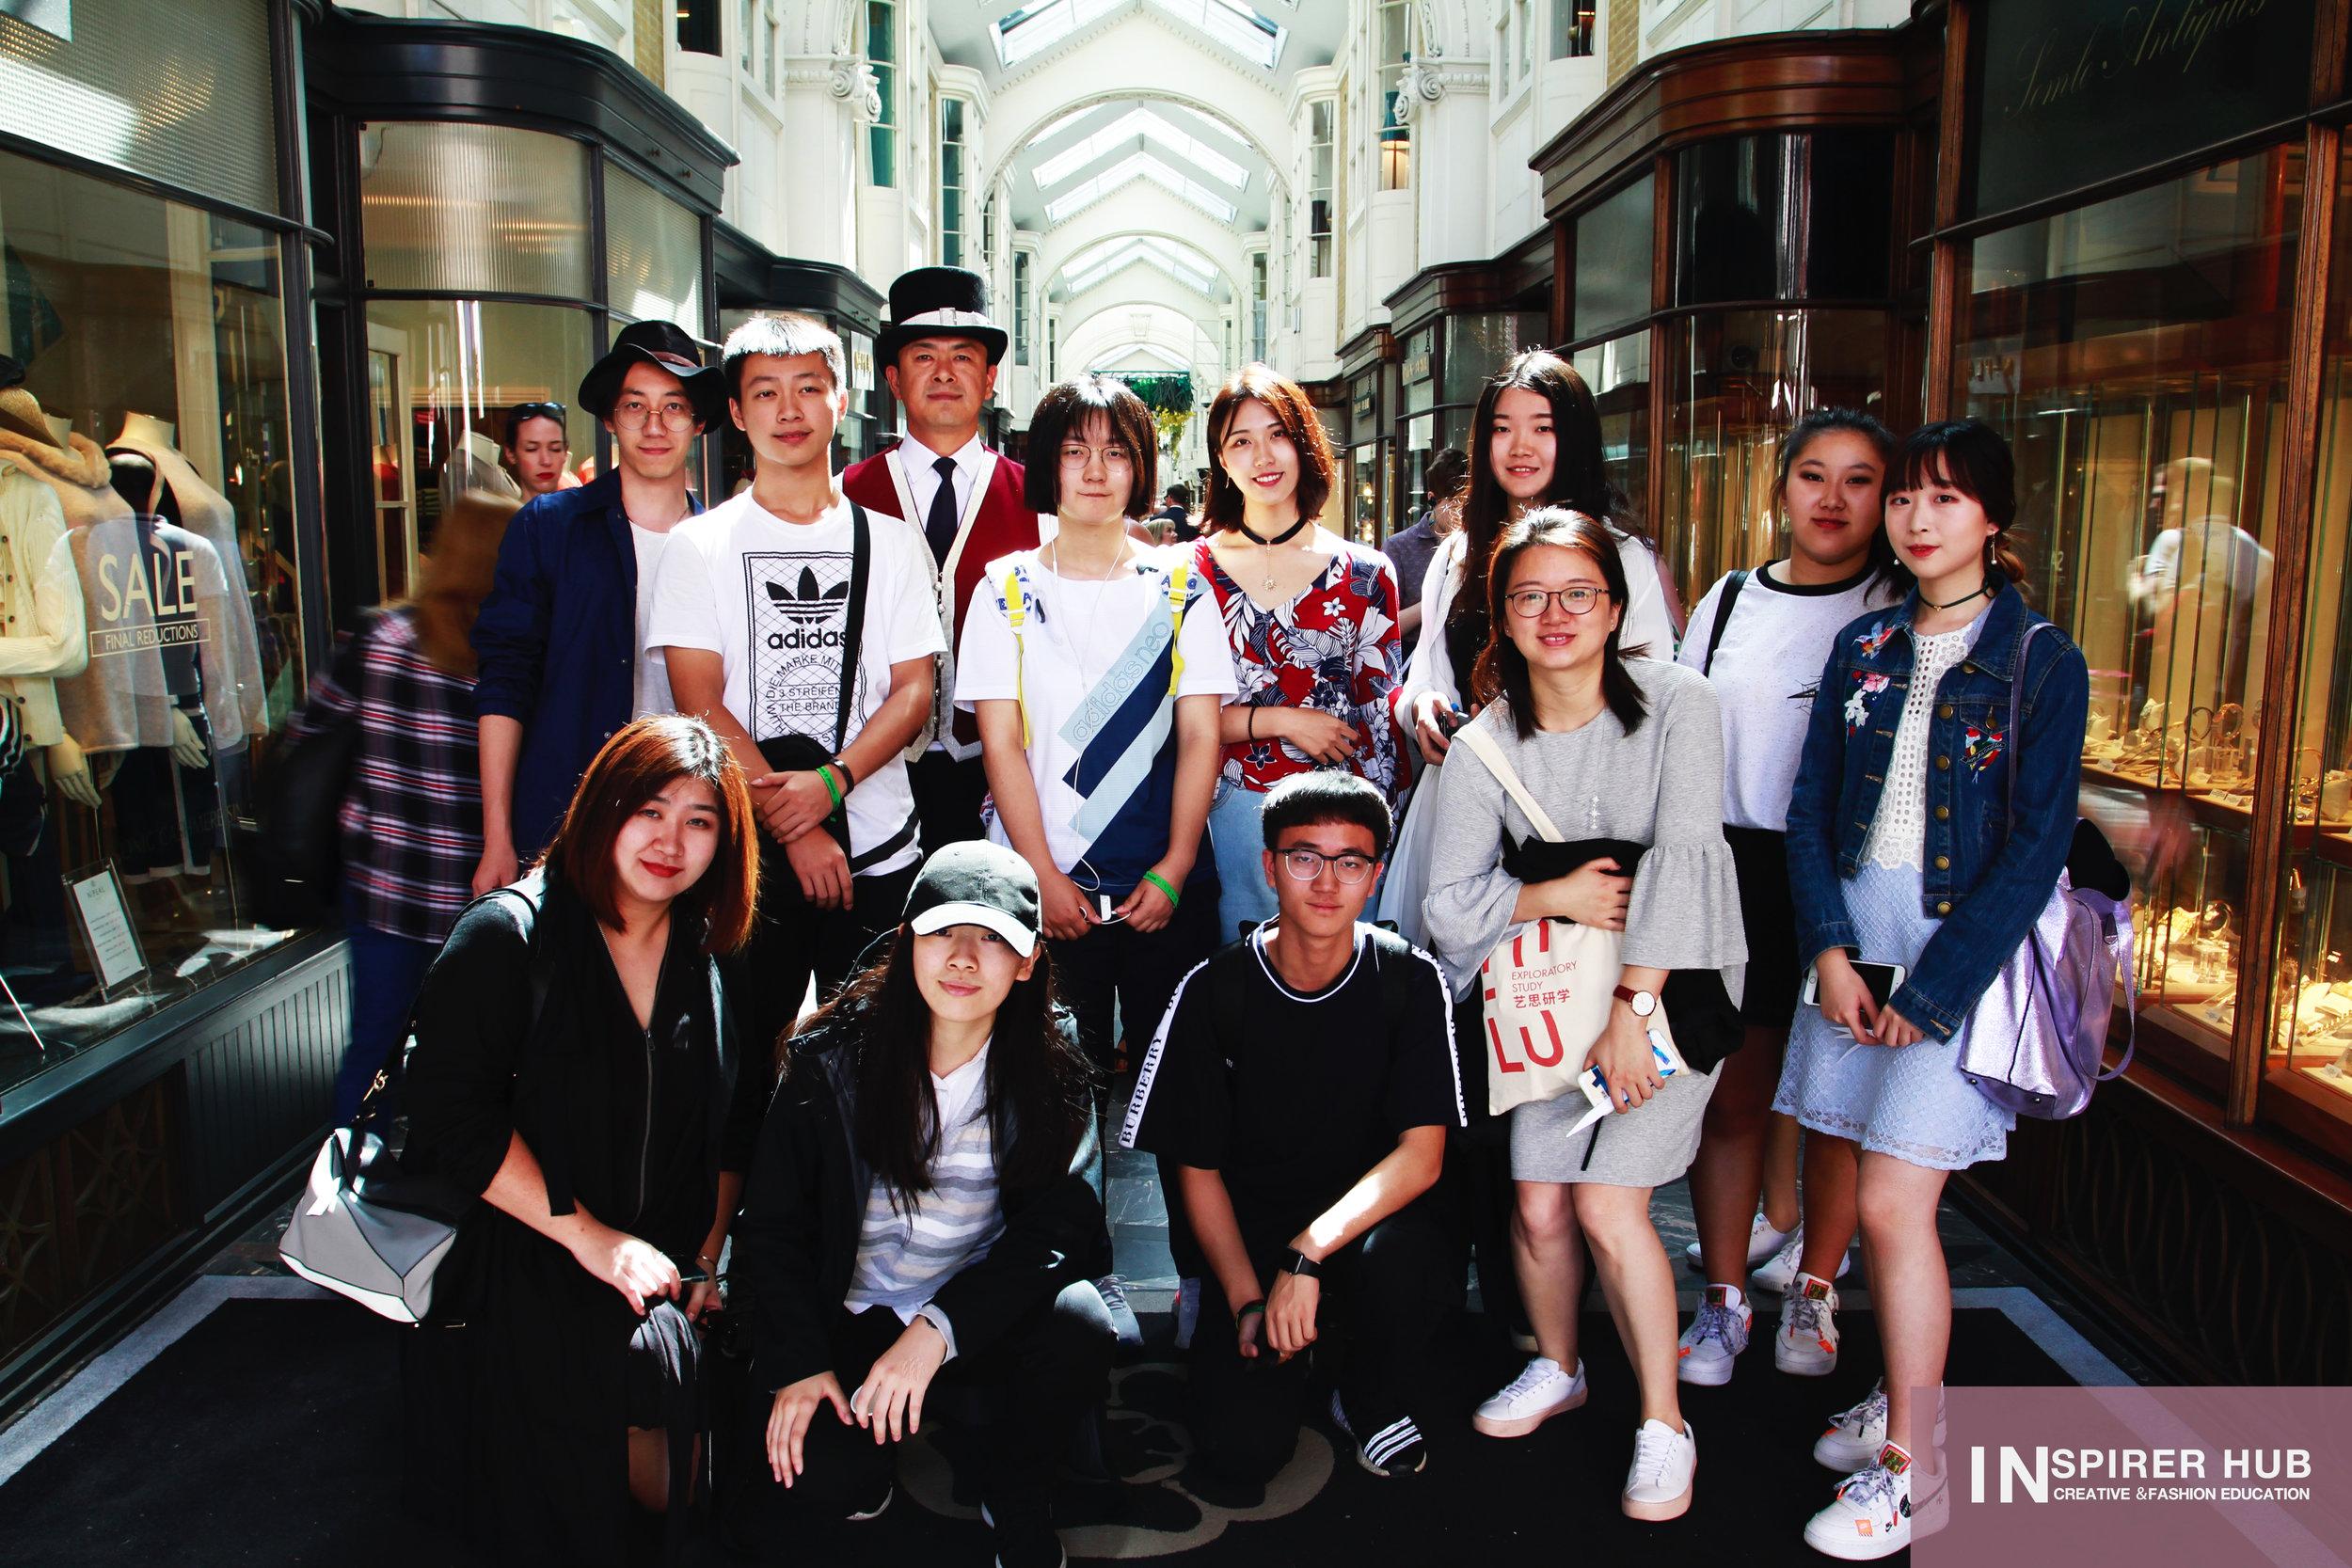 西伦敦艺术游学课程 - 2018 INSPIRER HUB艺术留学定制课程